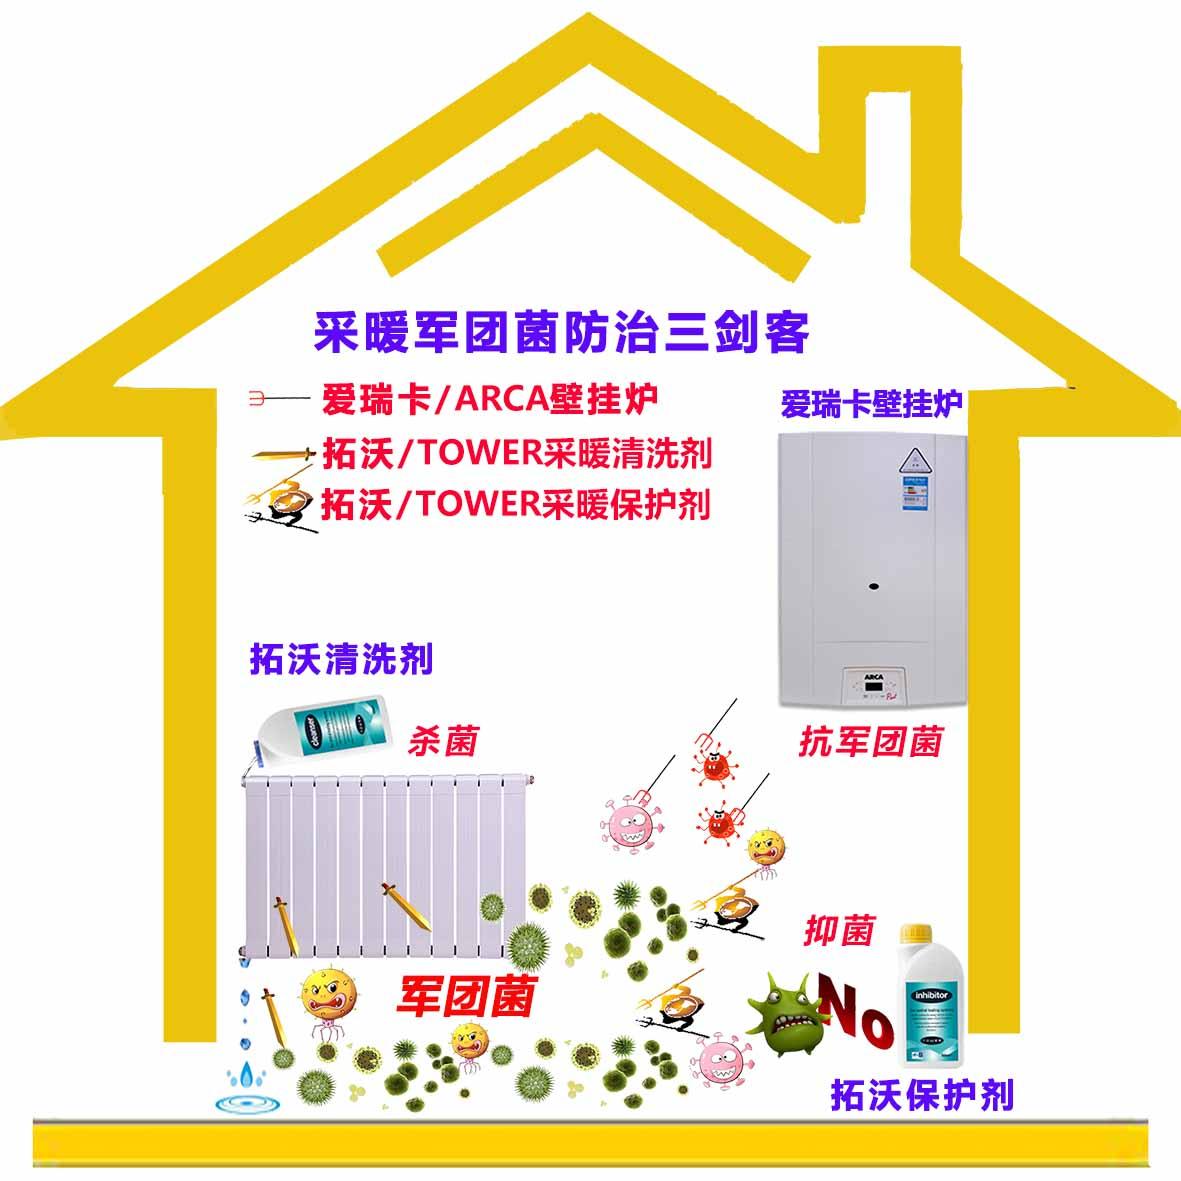 大咖谈煤改气煤改电壁挂炉用户采暖省钱节能